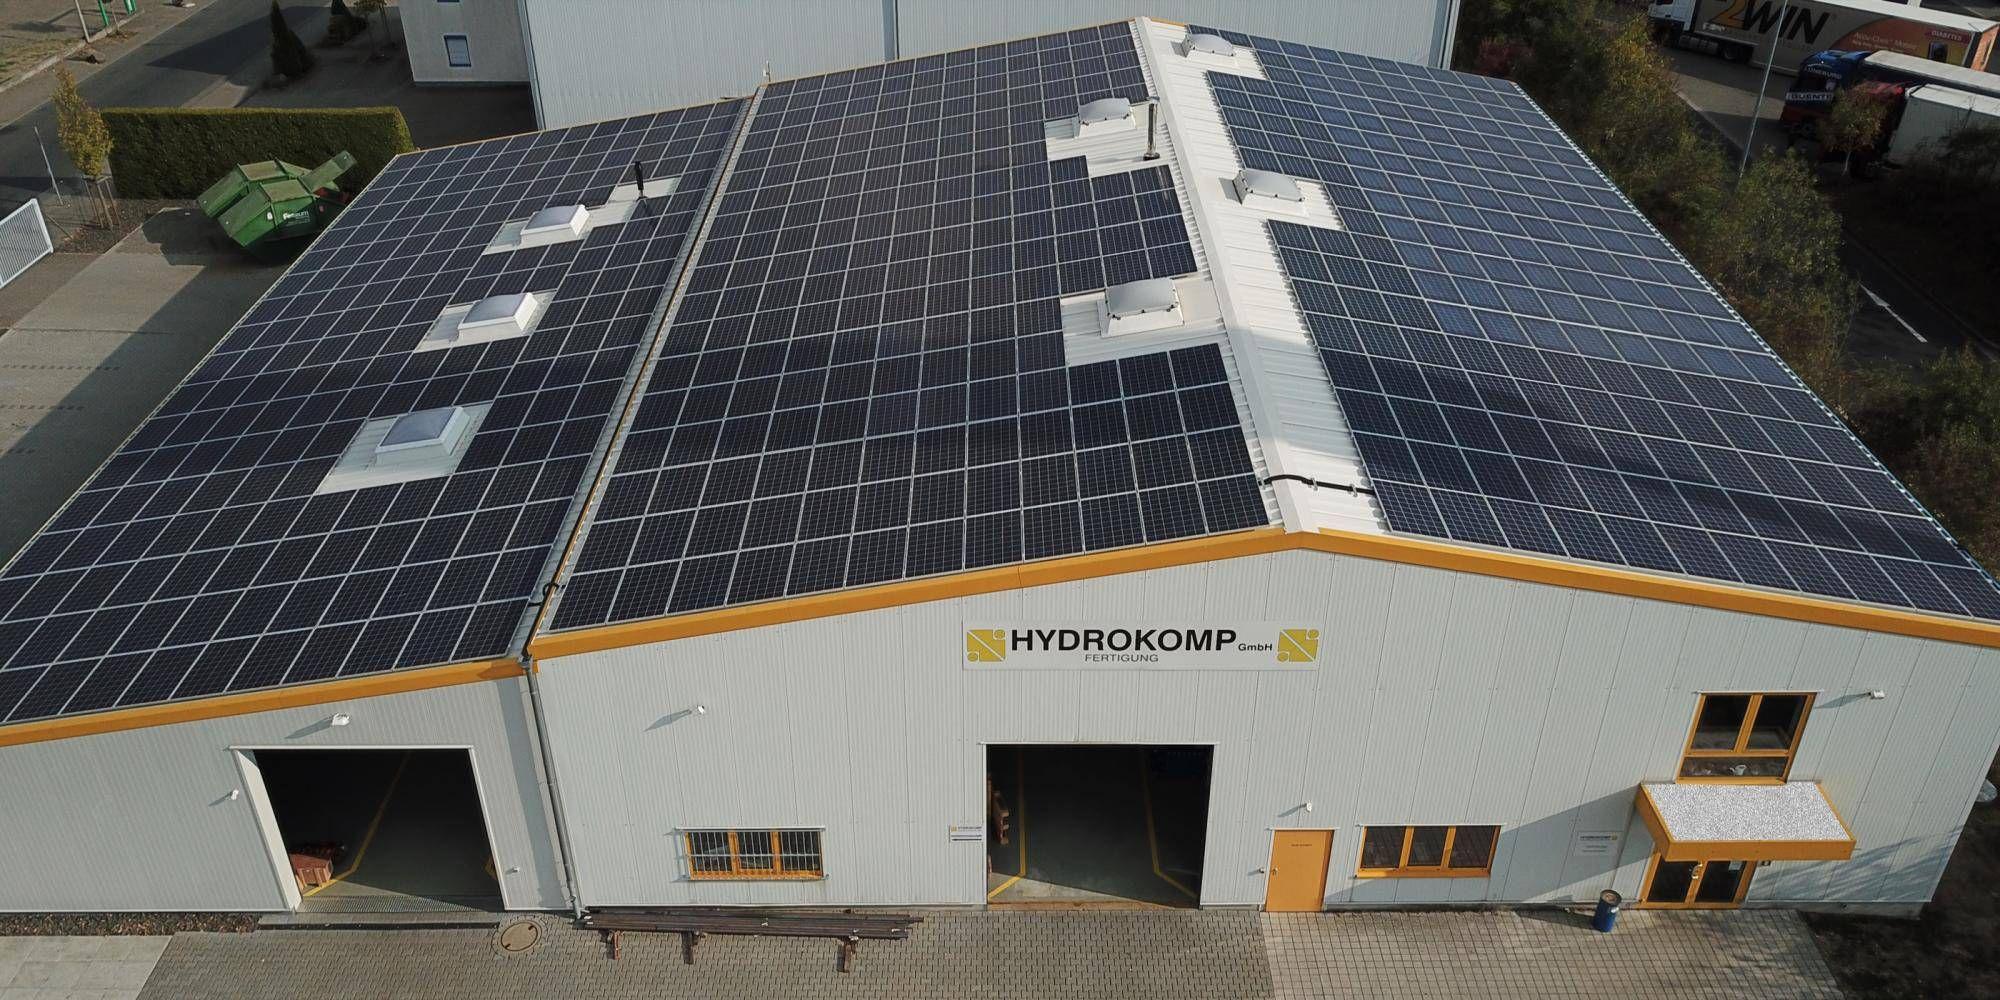 Mücke Energiekosten sparen dank Photovoltaik auf dem Dach